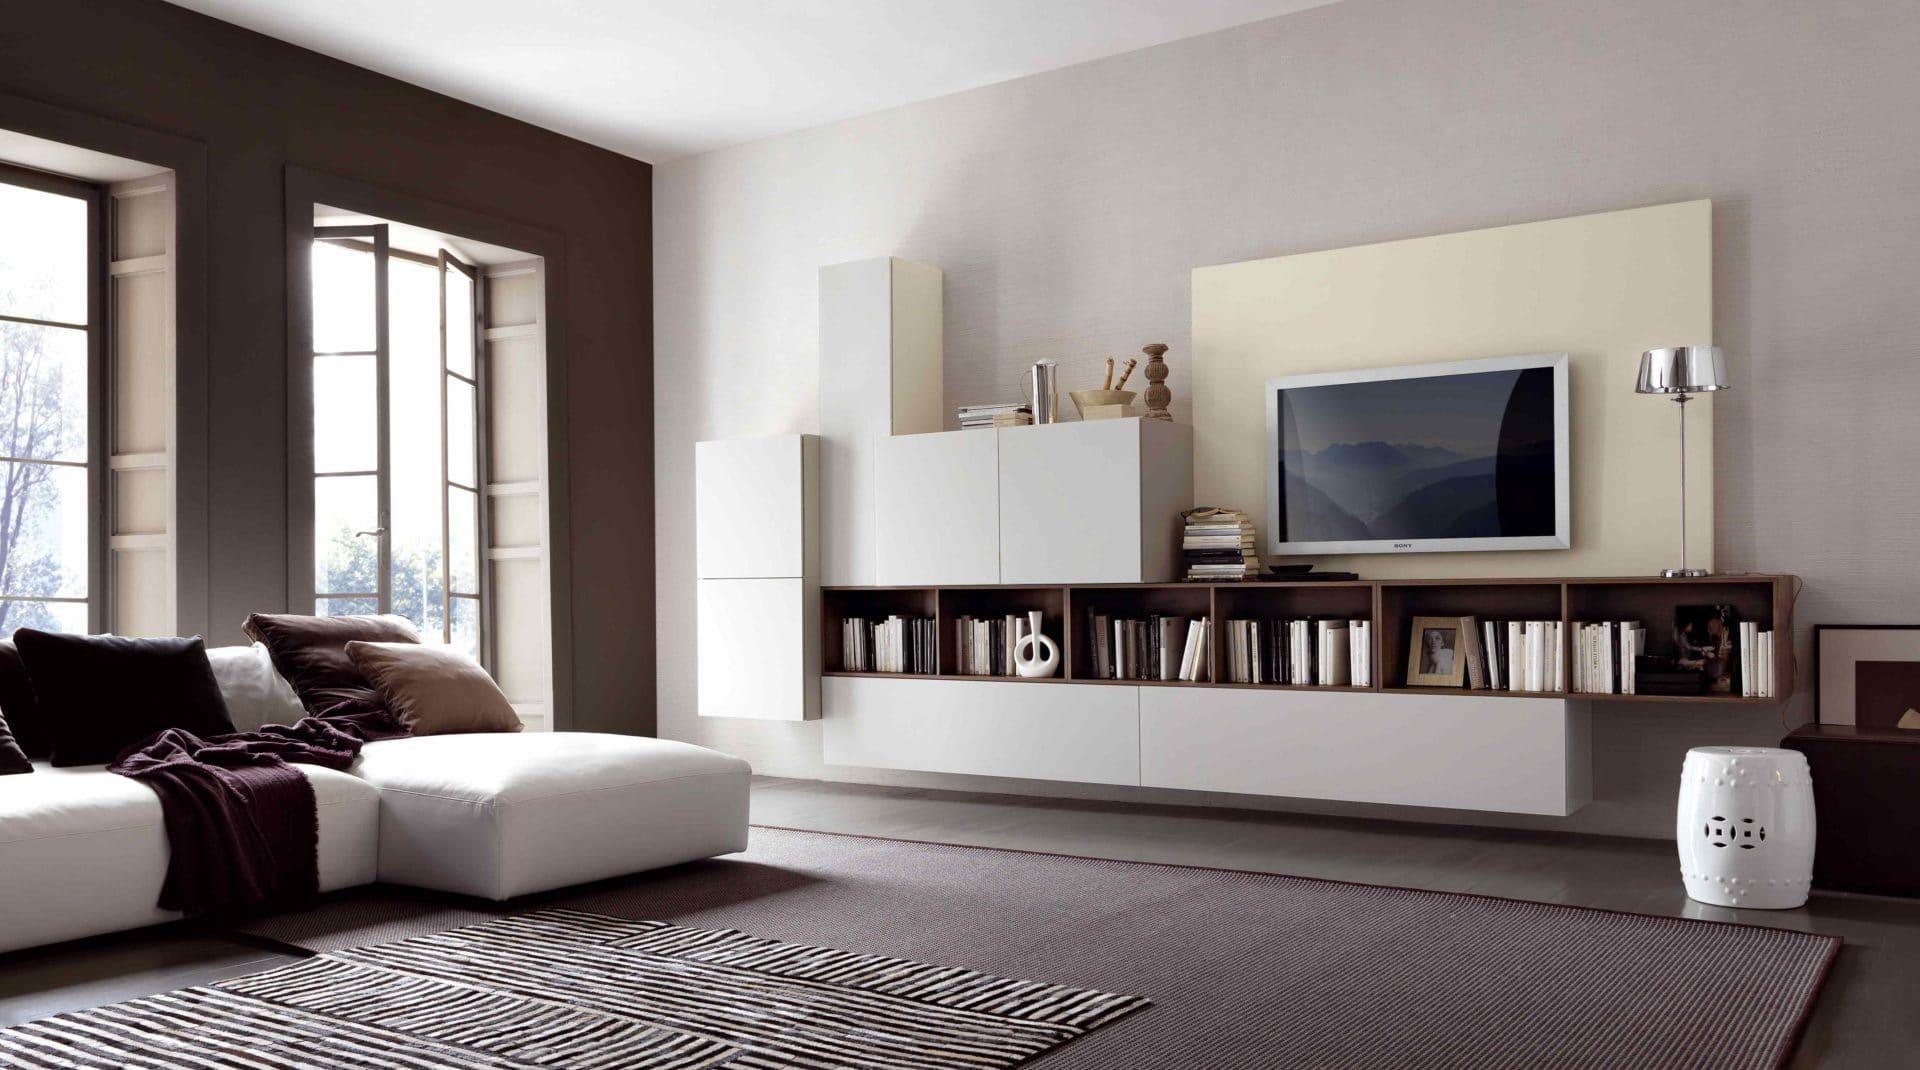 Distribuci n del sal n ambientes confortables y pr cticos - Interiorismo salones ...